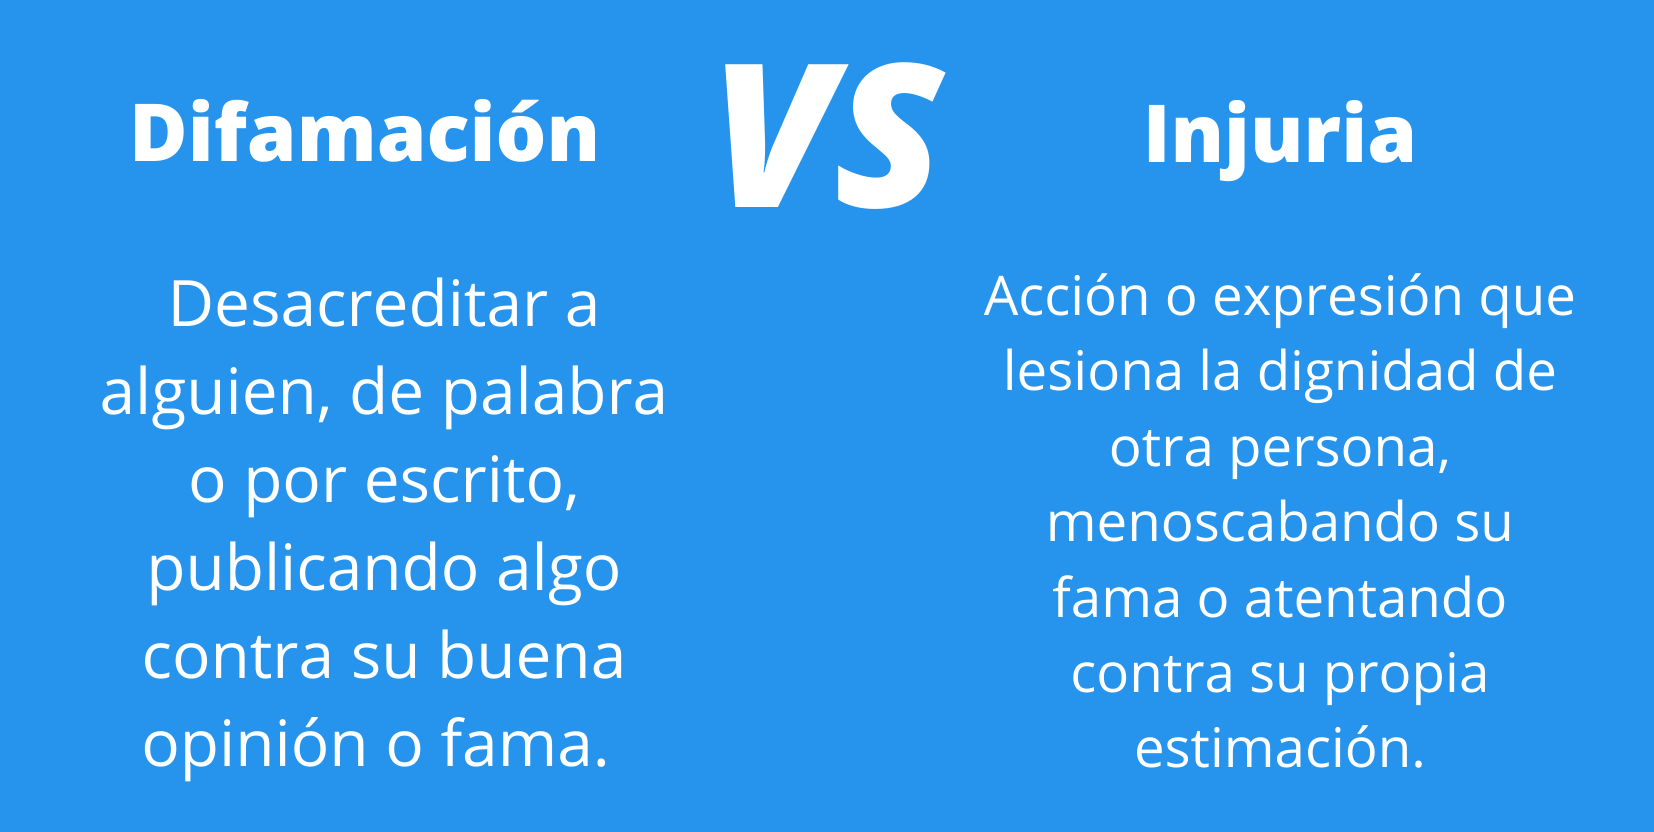 Difamación vs injuria Difamación online Infografía ReputationUP 2020